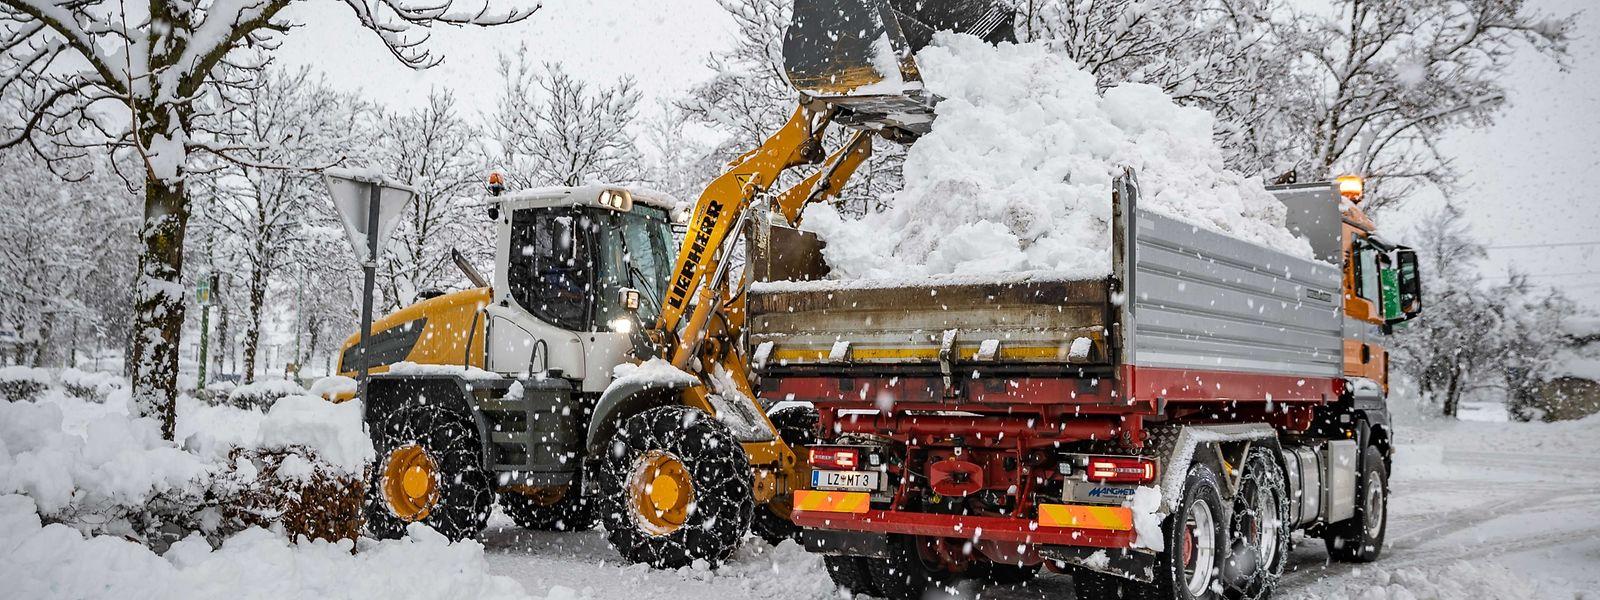 Schneeräumer im Einsatz in Lienz in Osttirol.